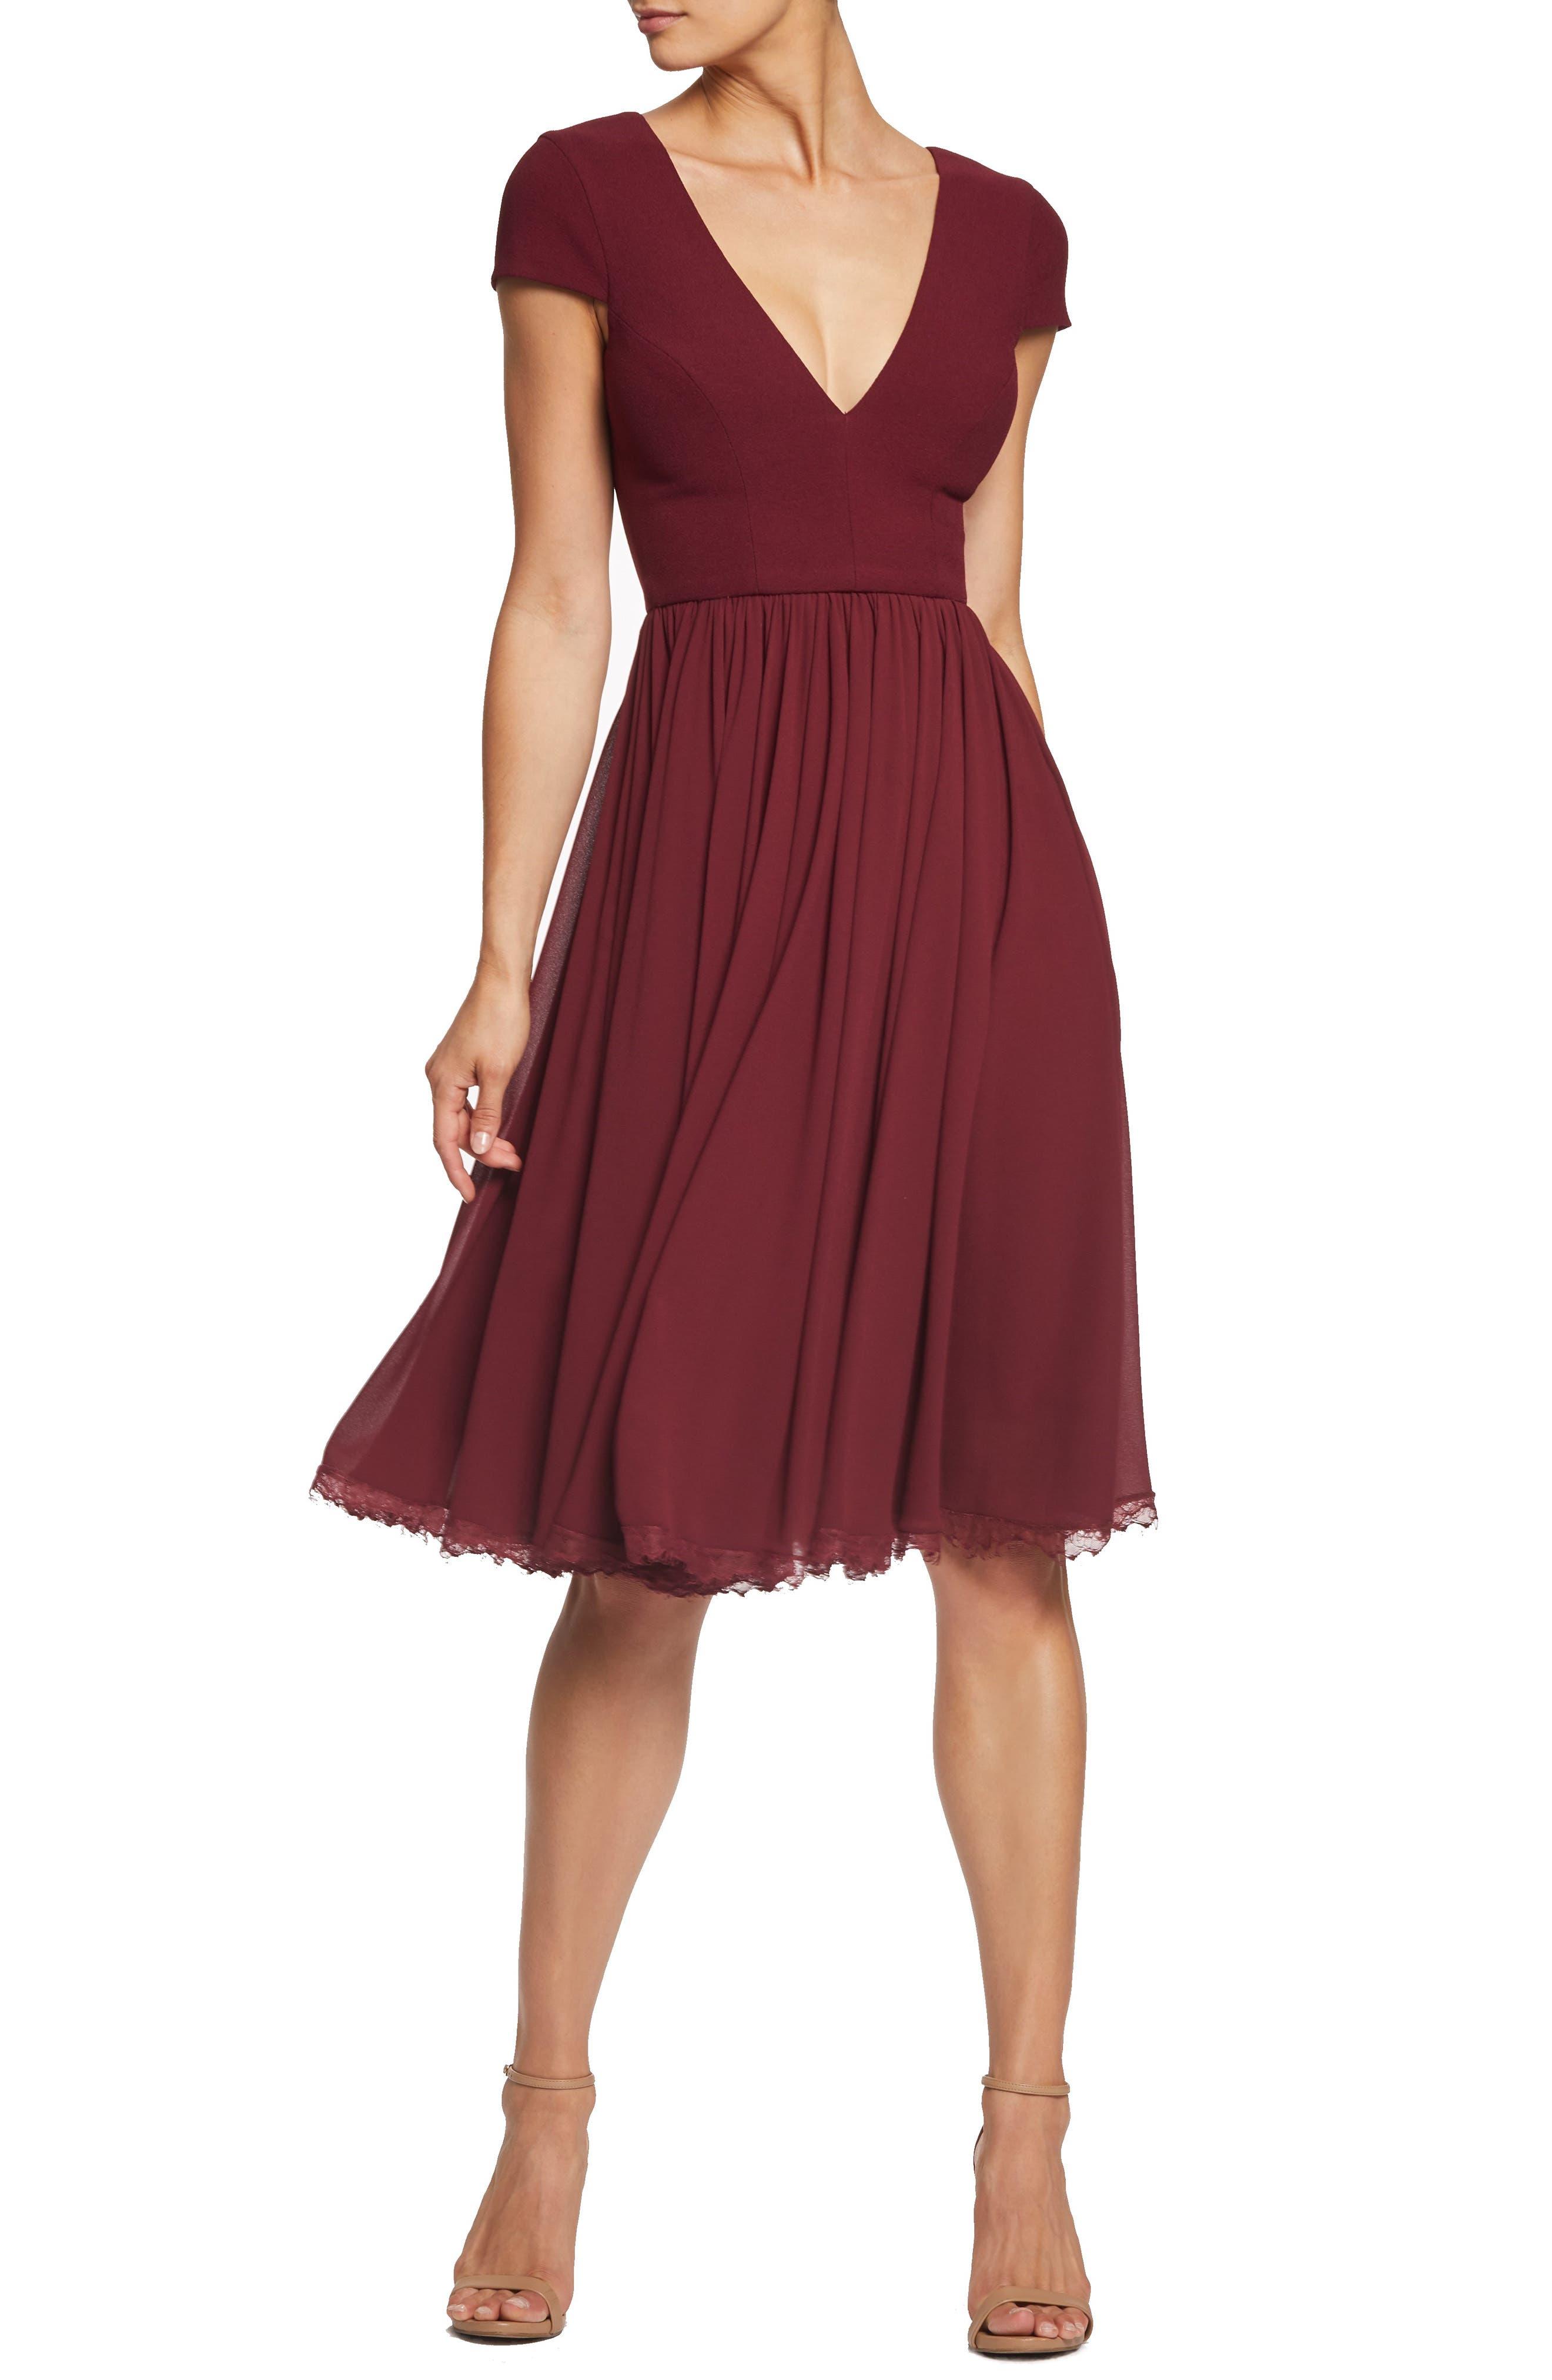 Dress The Population Corey Chiffon Fit & Flare Dress, Burgundy